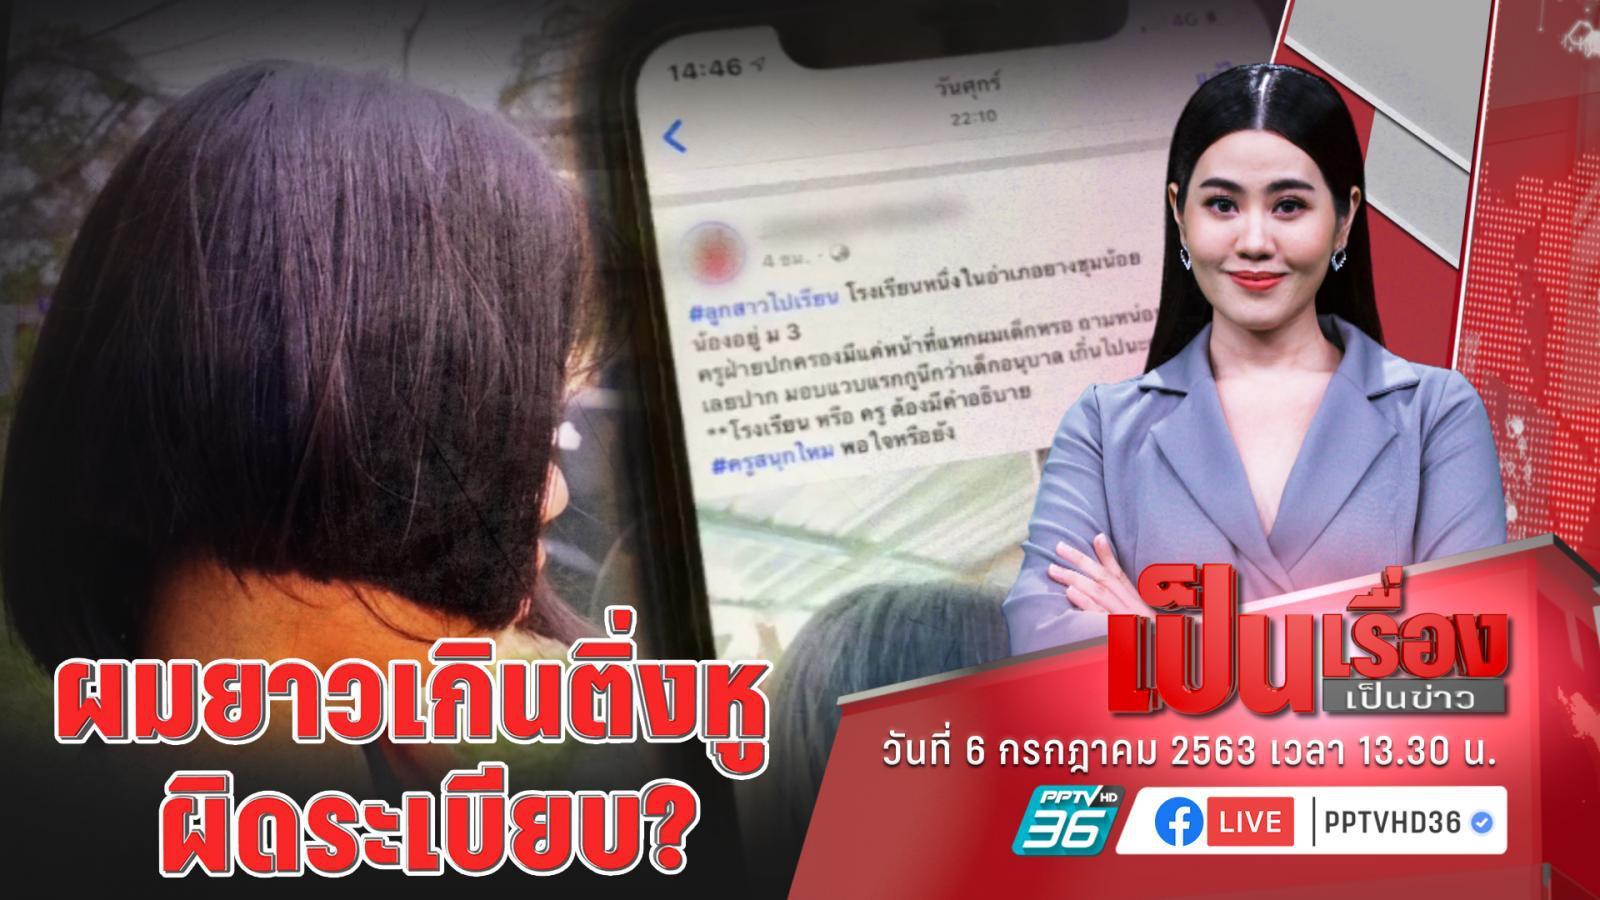 ทรงผมนักเรียน ส่งผลกับการศึกษาไทยอย่างไร